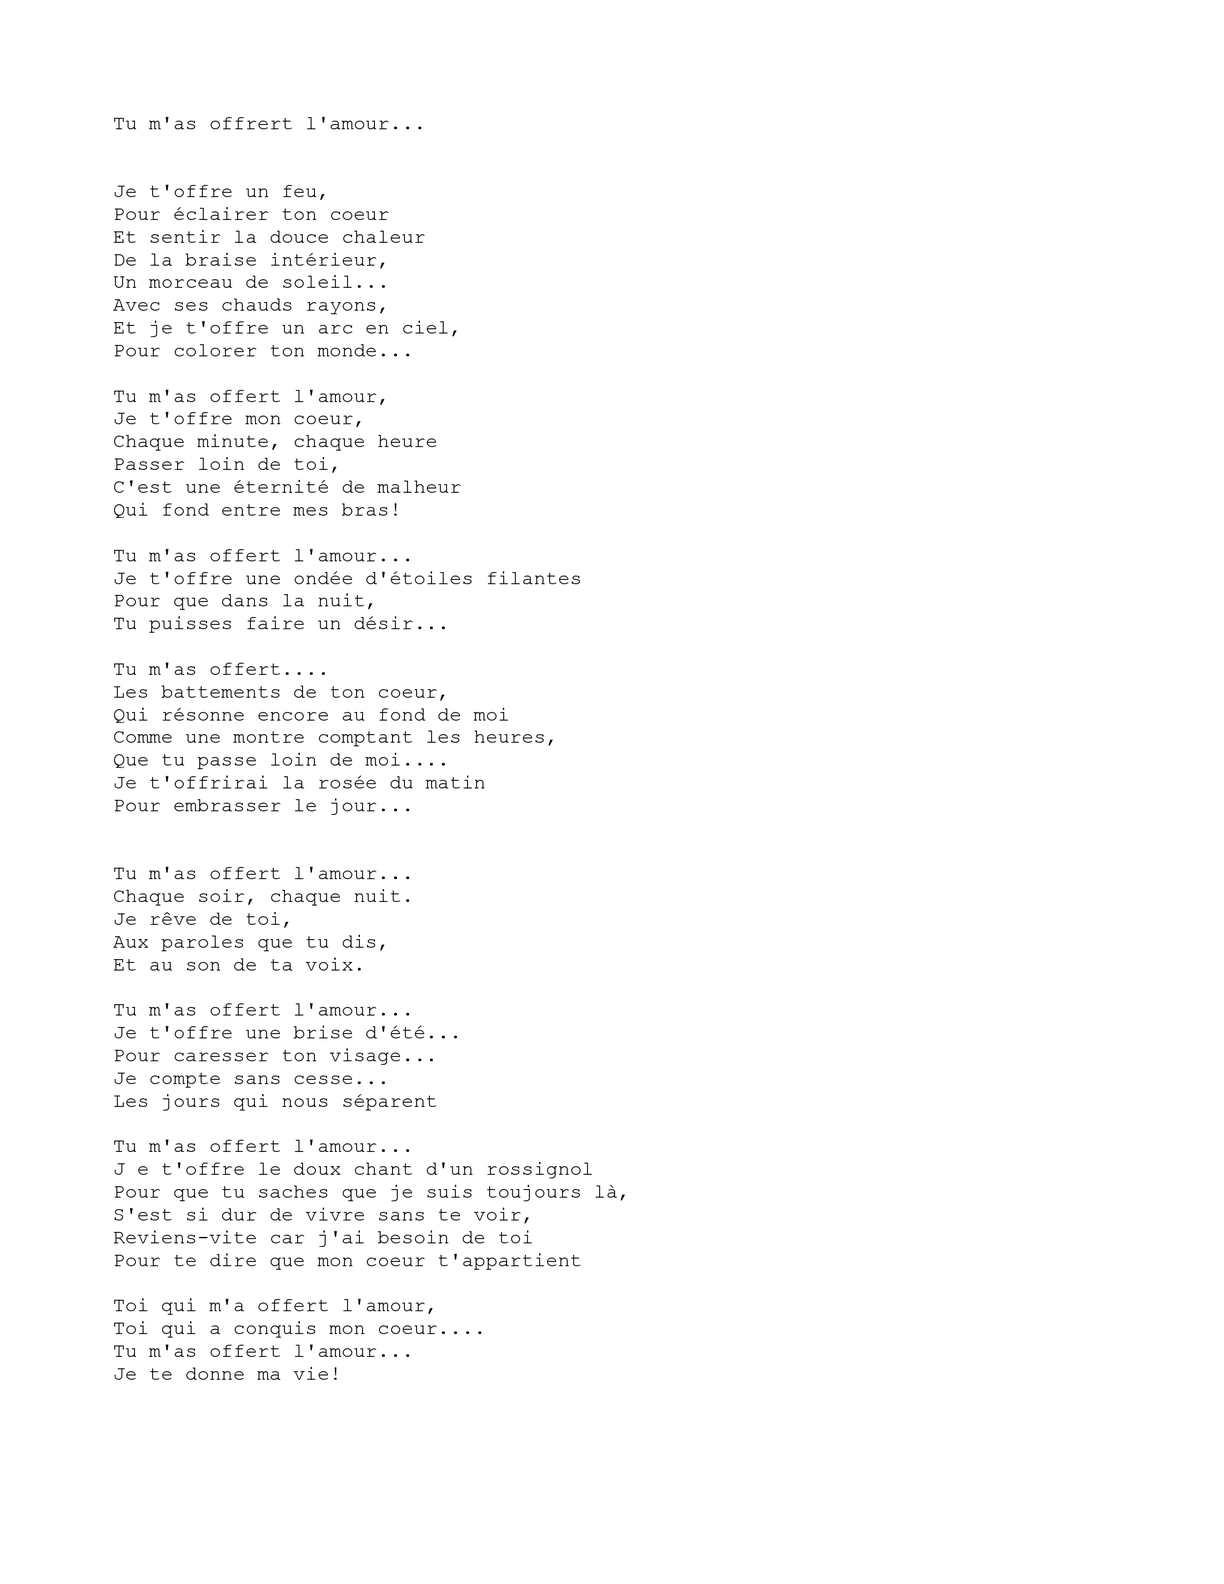 Parole Je Te Le Donne : parole, donne, Calaméo, Offert, L'Amour...